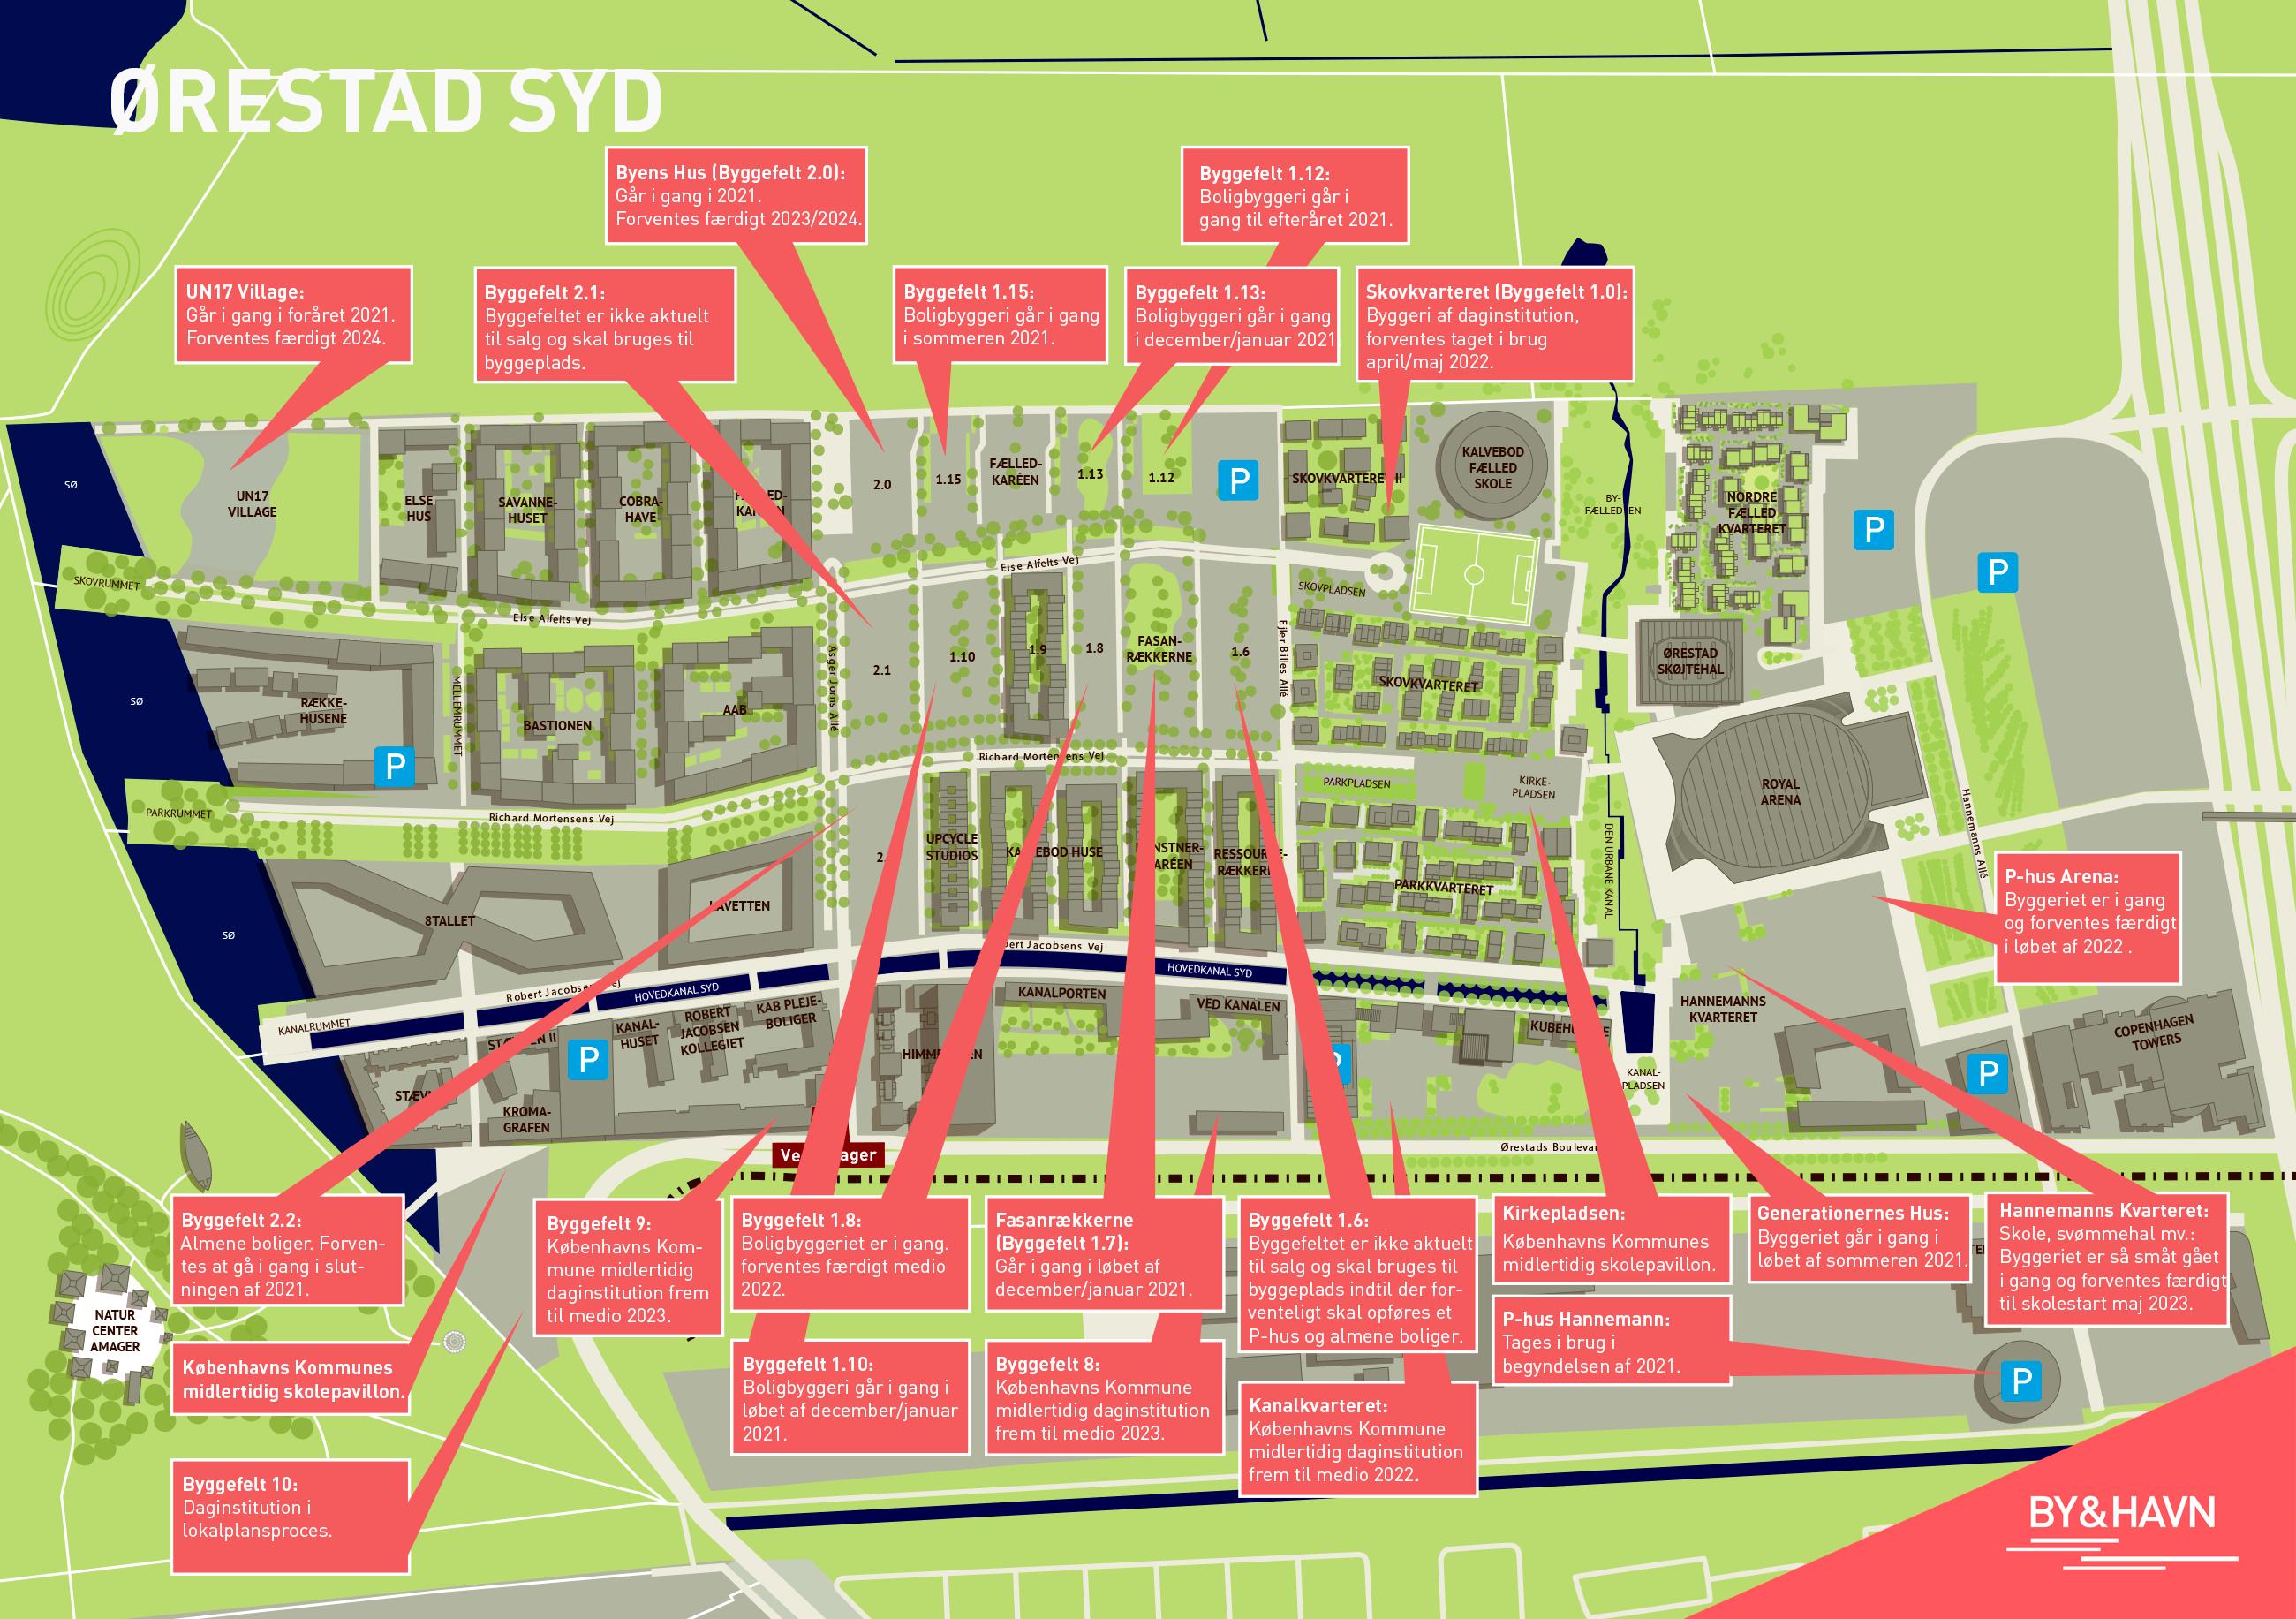 Kort over Ørestad Syd viser nuværende og fremtidig byggeaktivitet